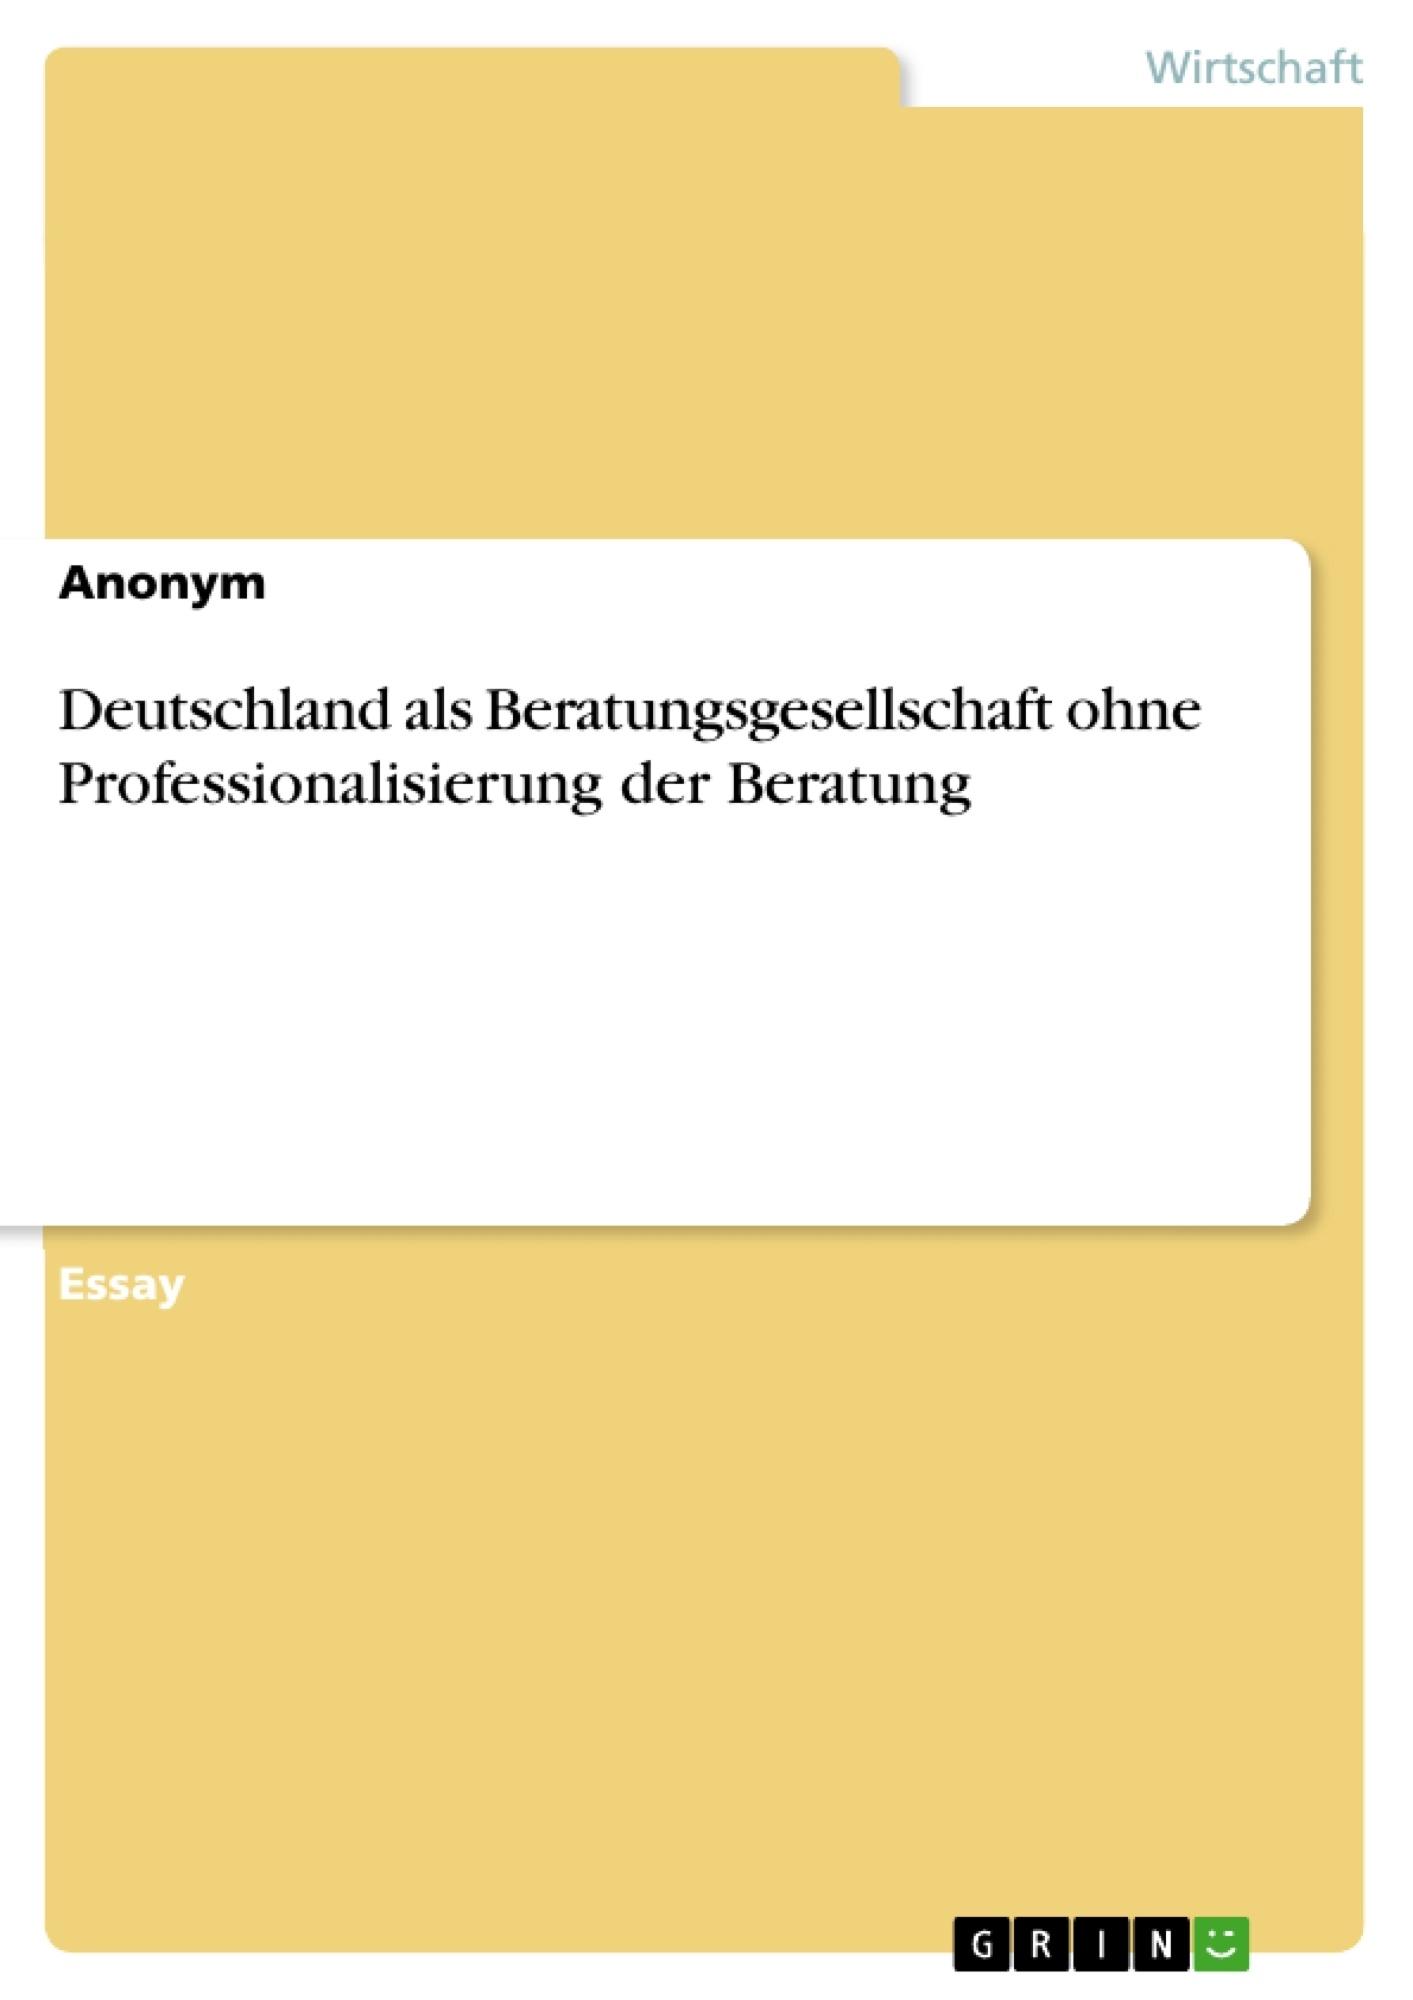 Titel: Deutschland als Beratungsgesellschaft ohne Professionalisierung der Beratung